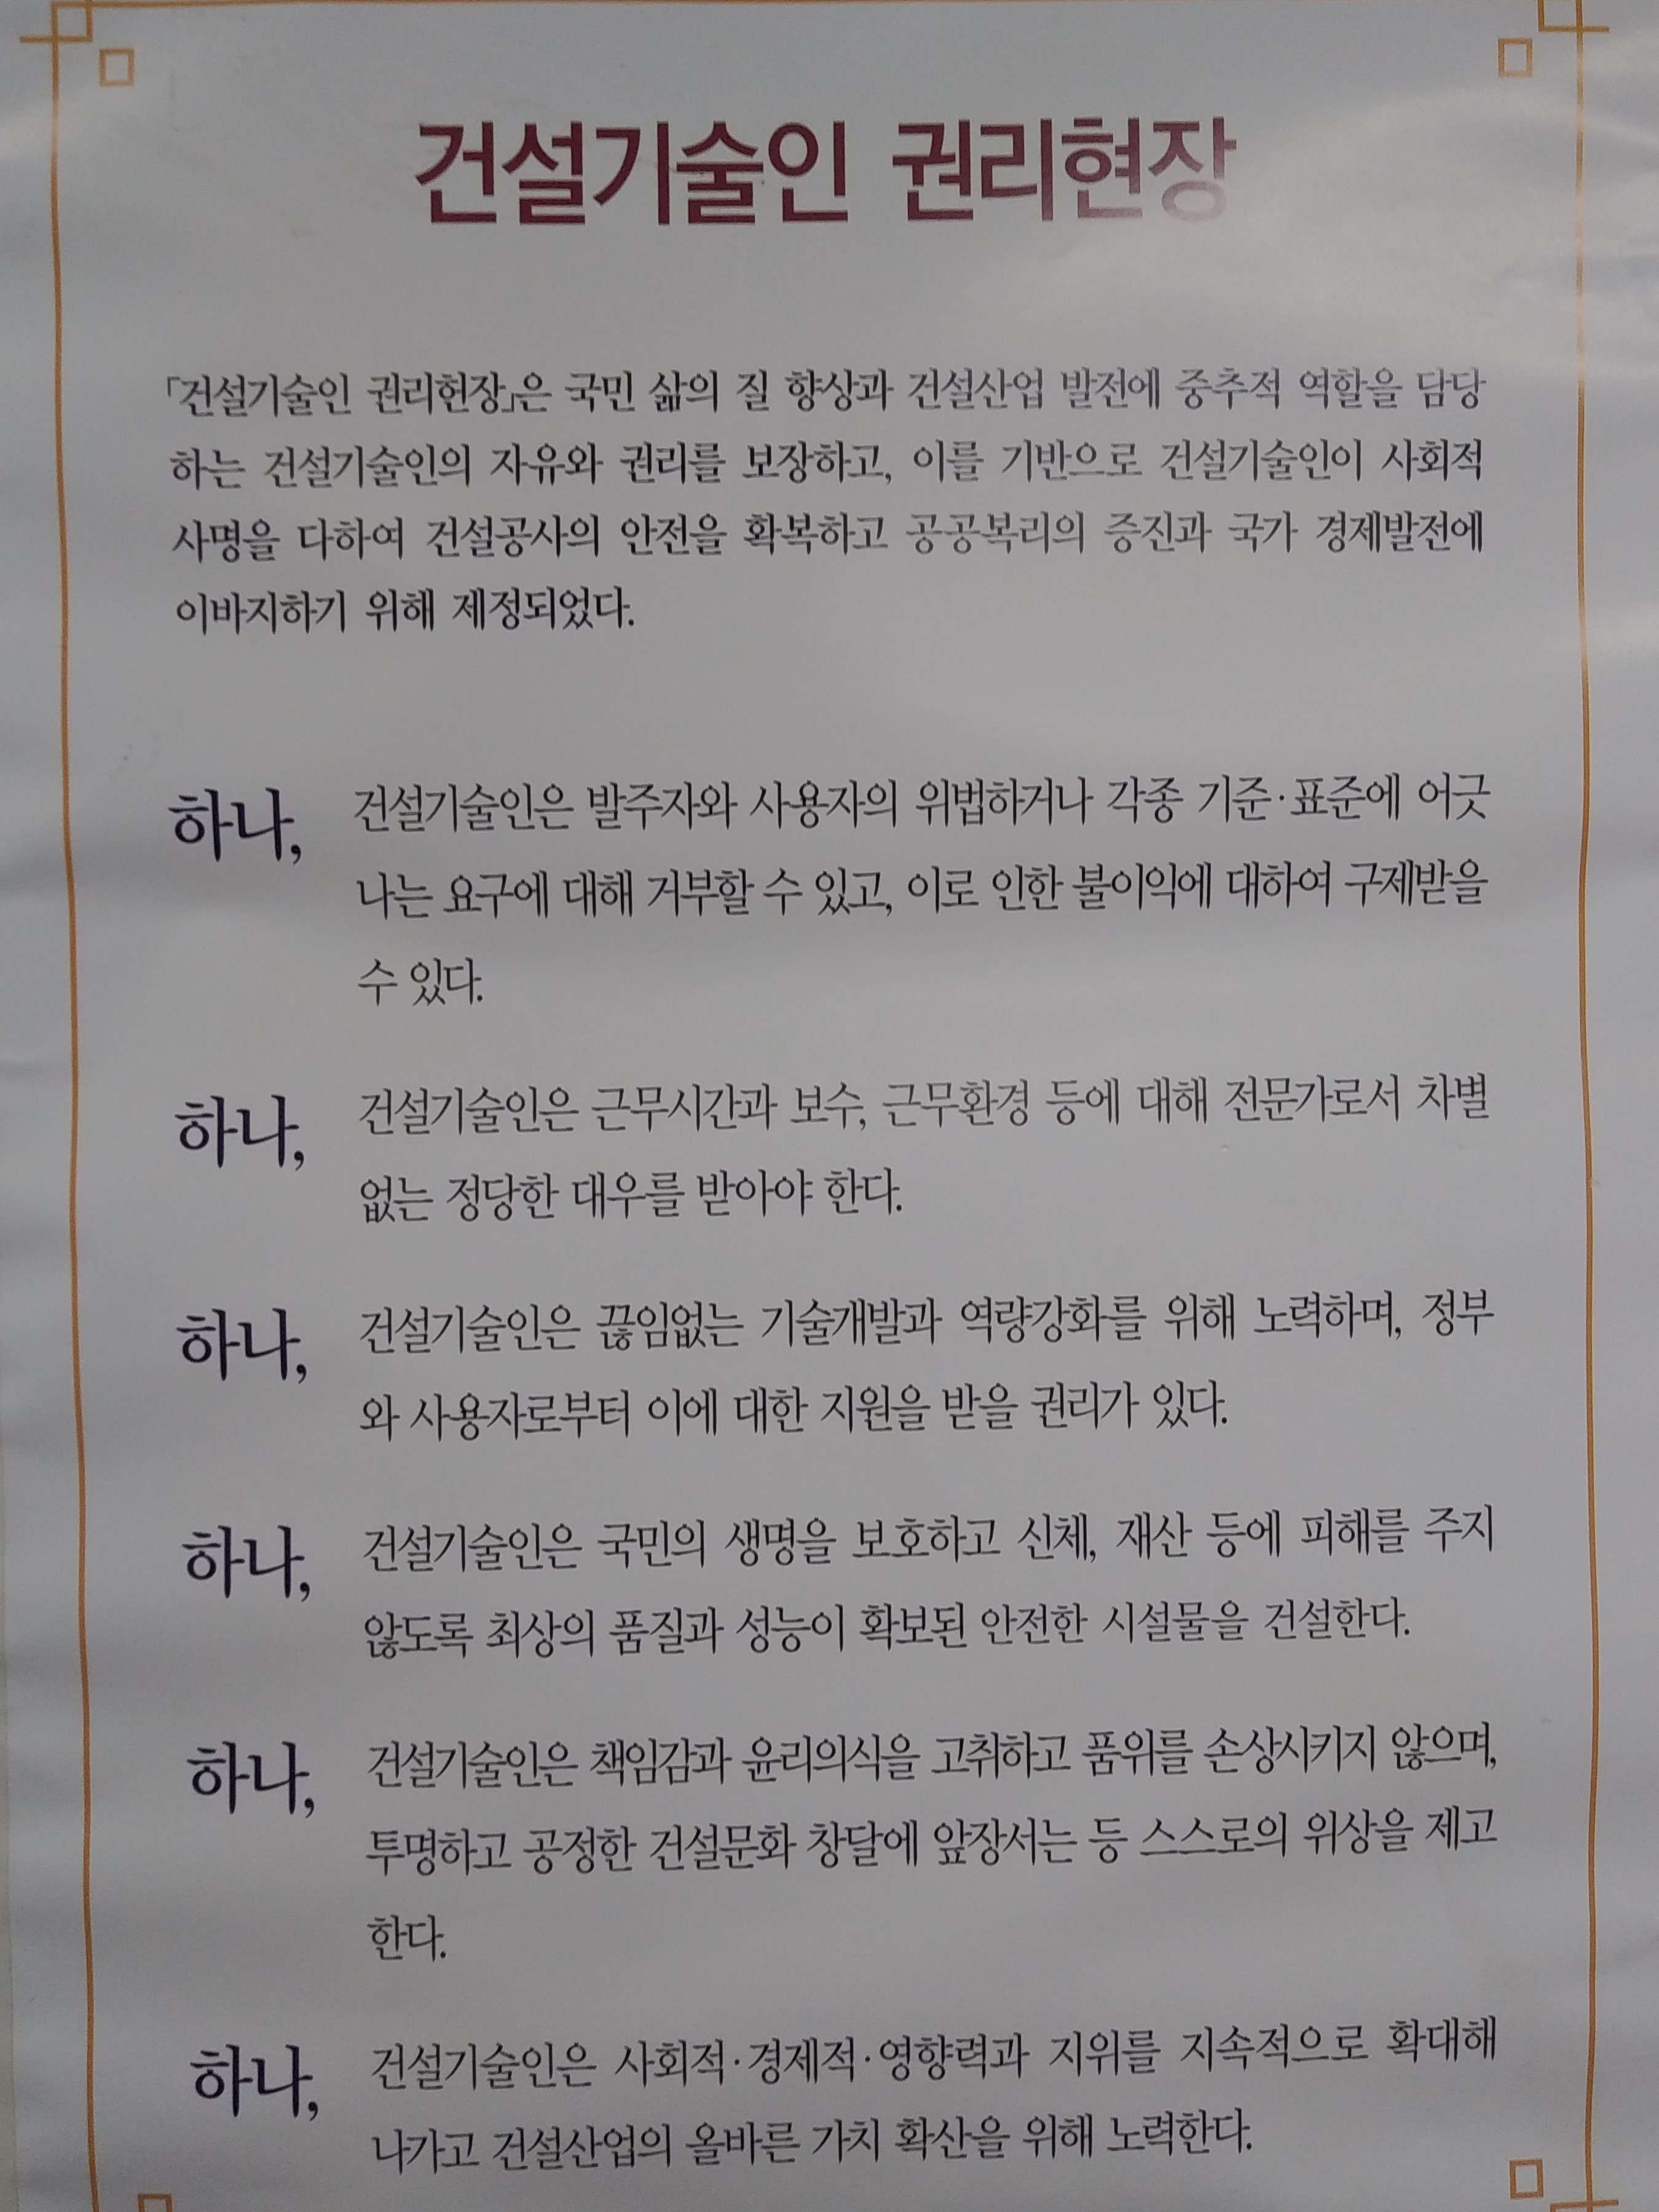 20201003_1호선 동대문역_이창수.jpg